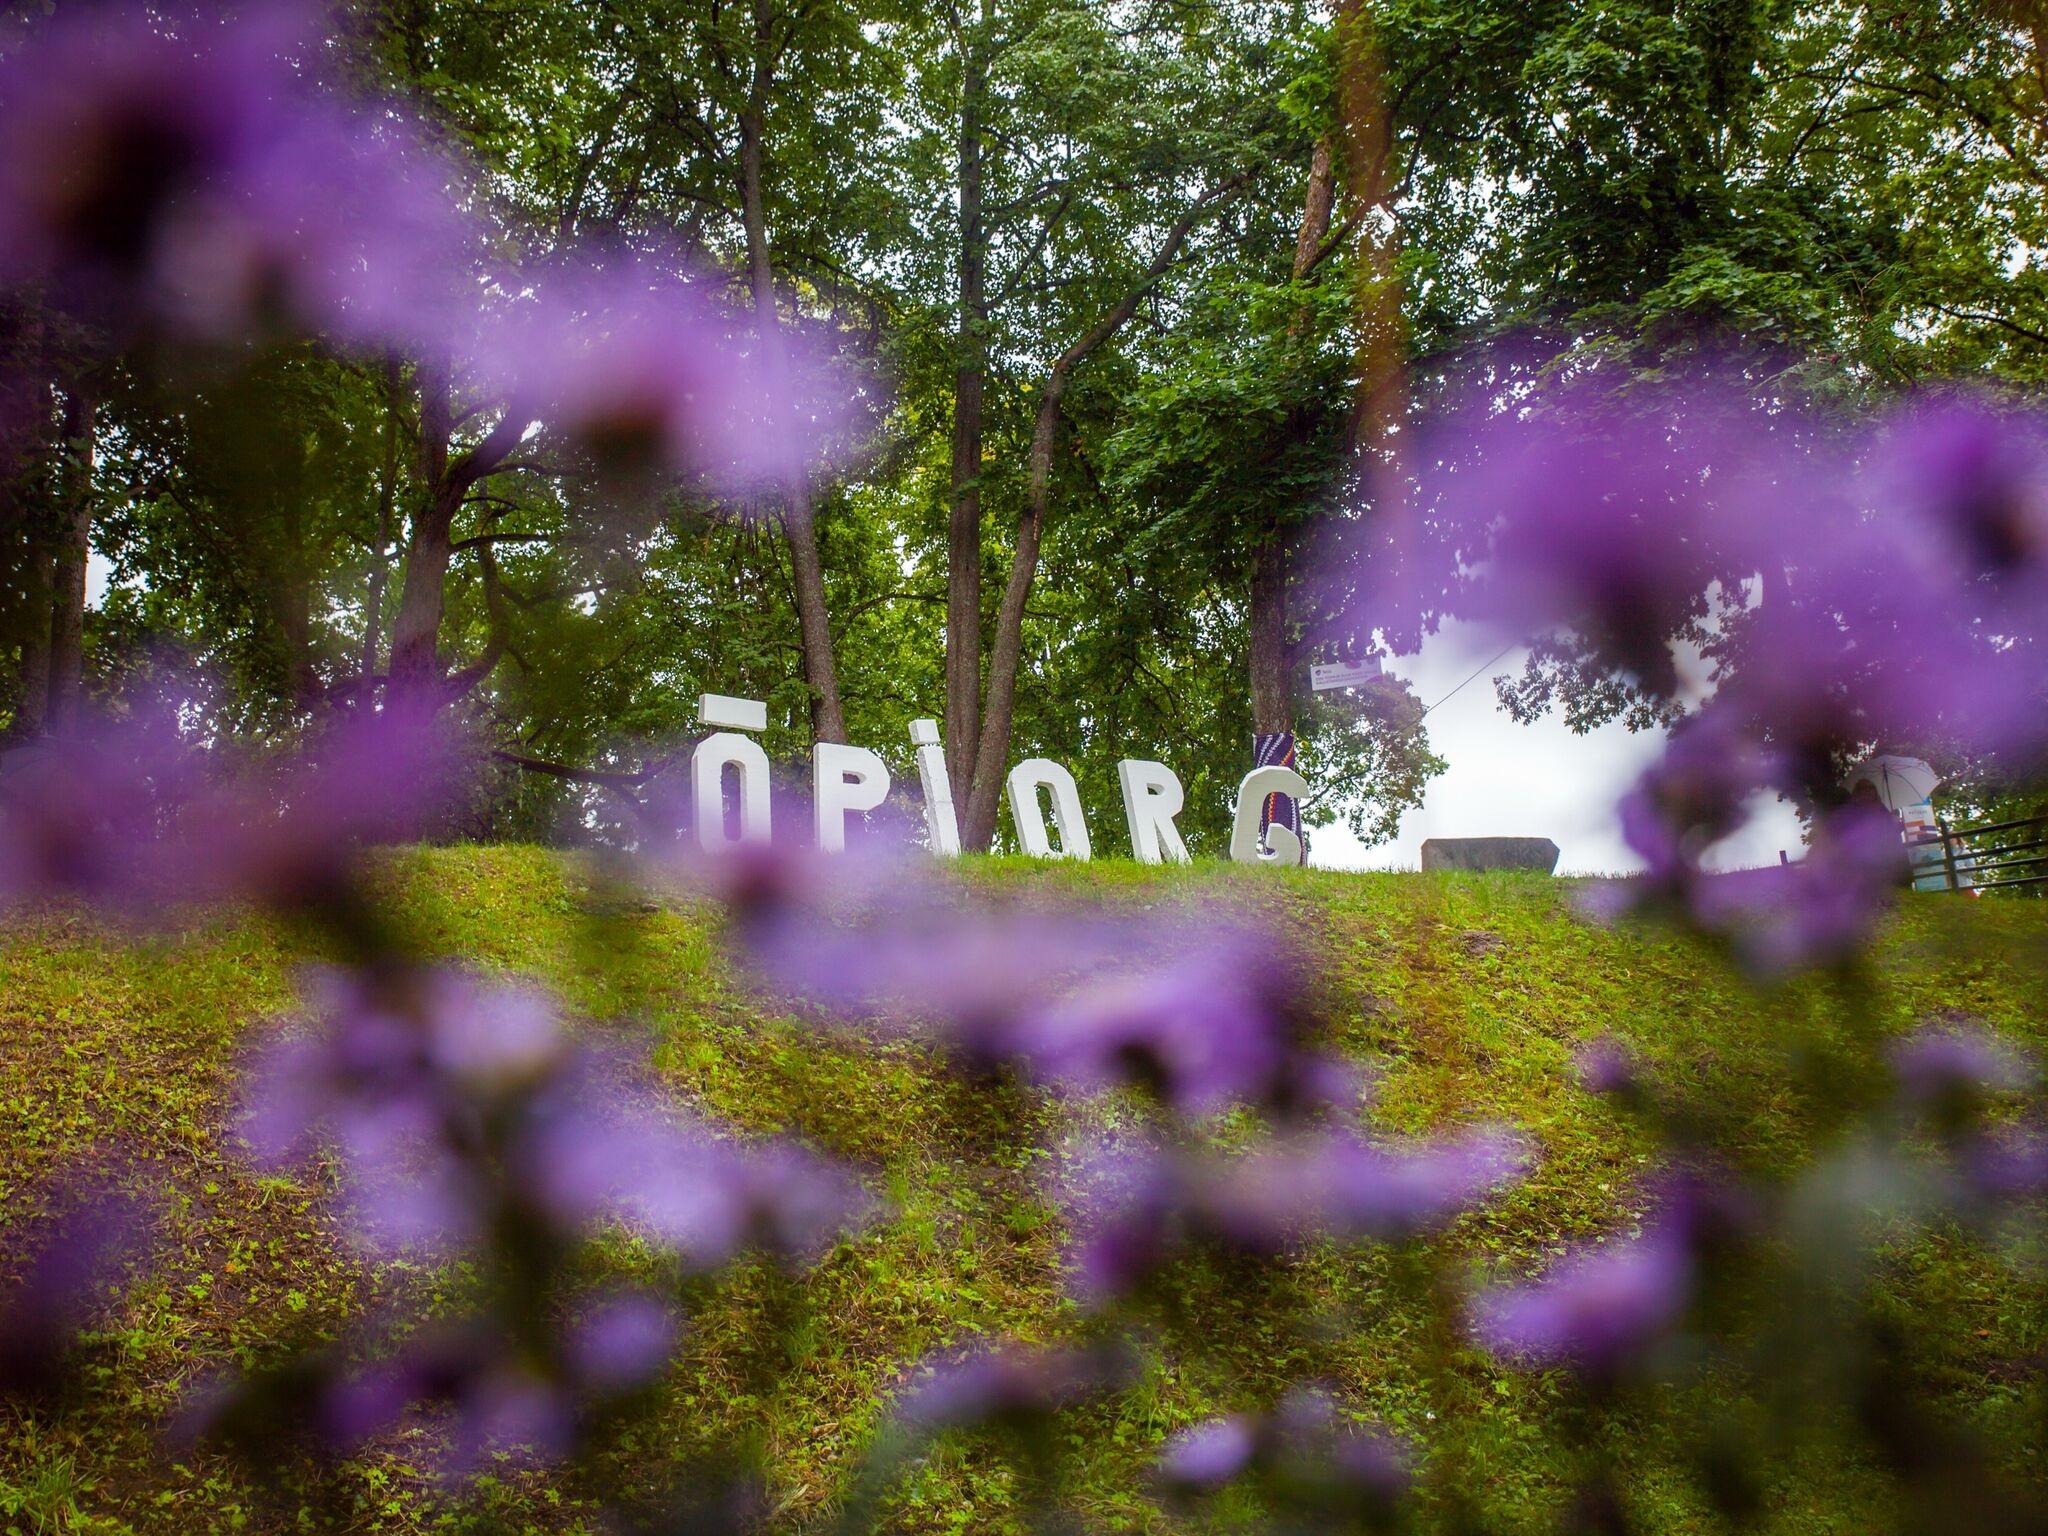 Õpiorg. Foto: Anna Markova